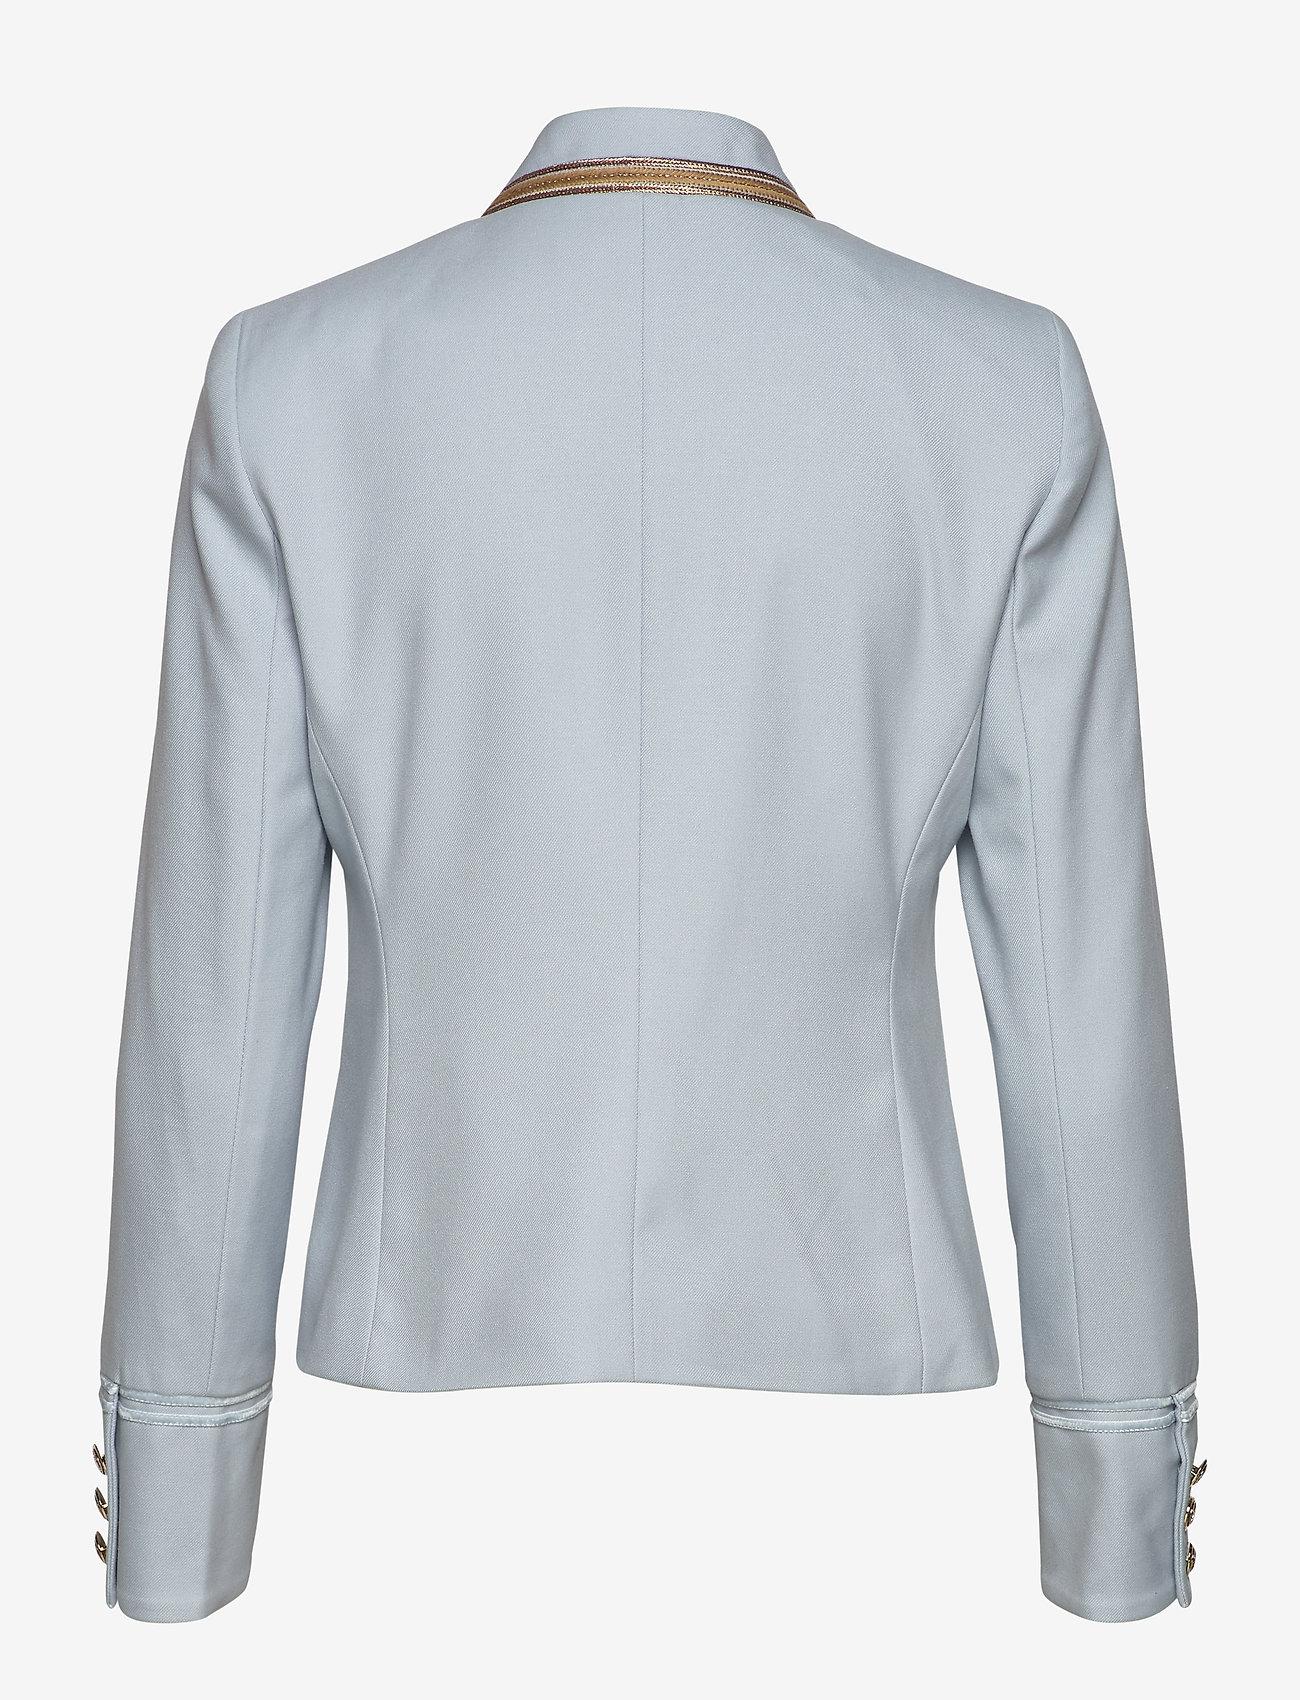 MOS MOSH Selby Twiggy Jacket - Blezery CELESTIAL BLUE - Kobiety Odzież.